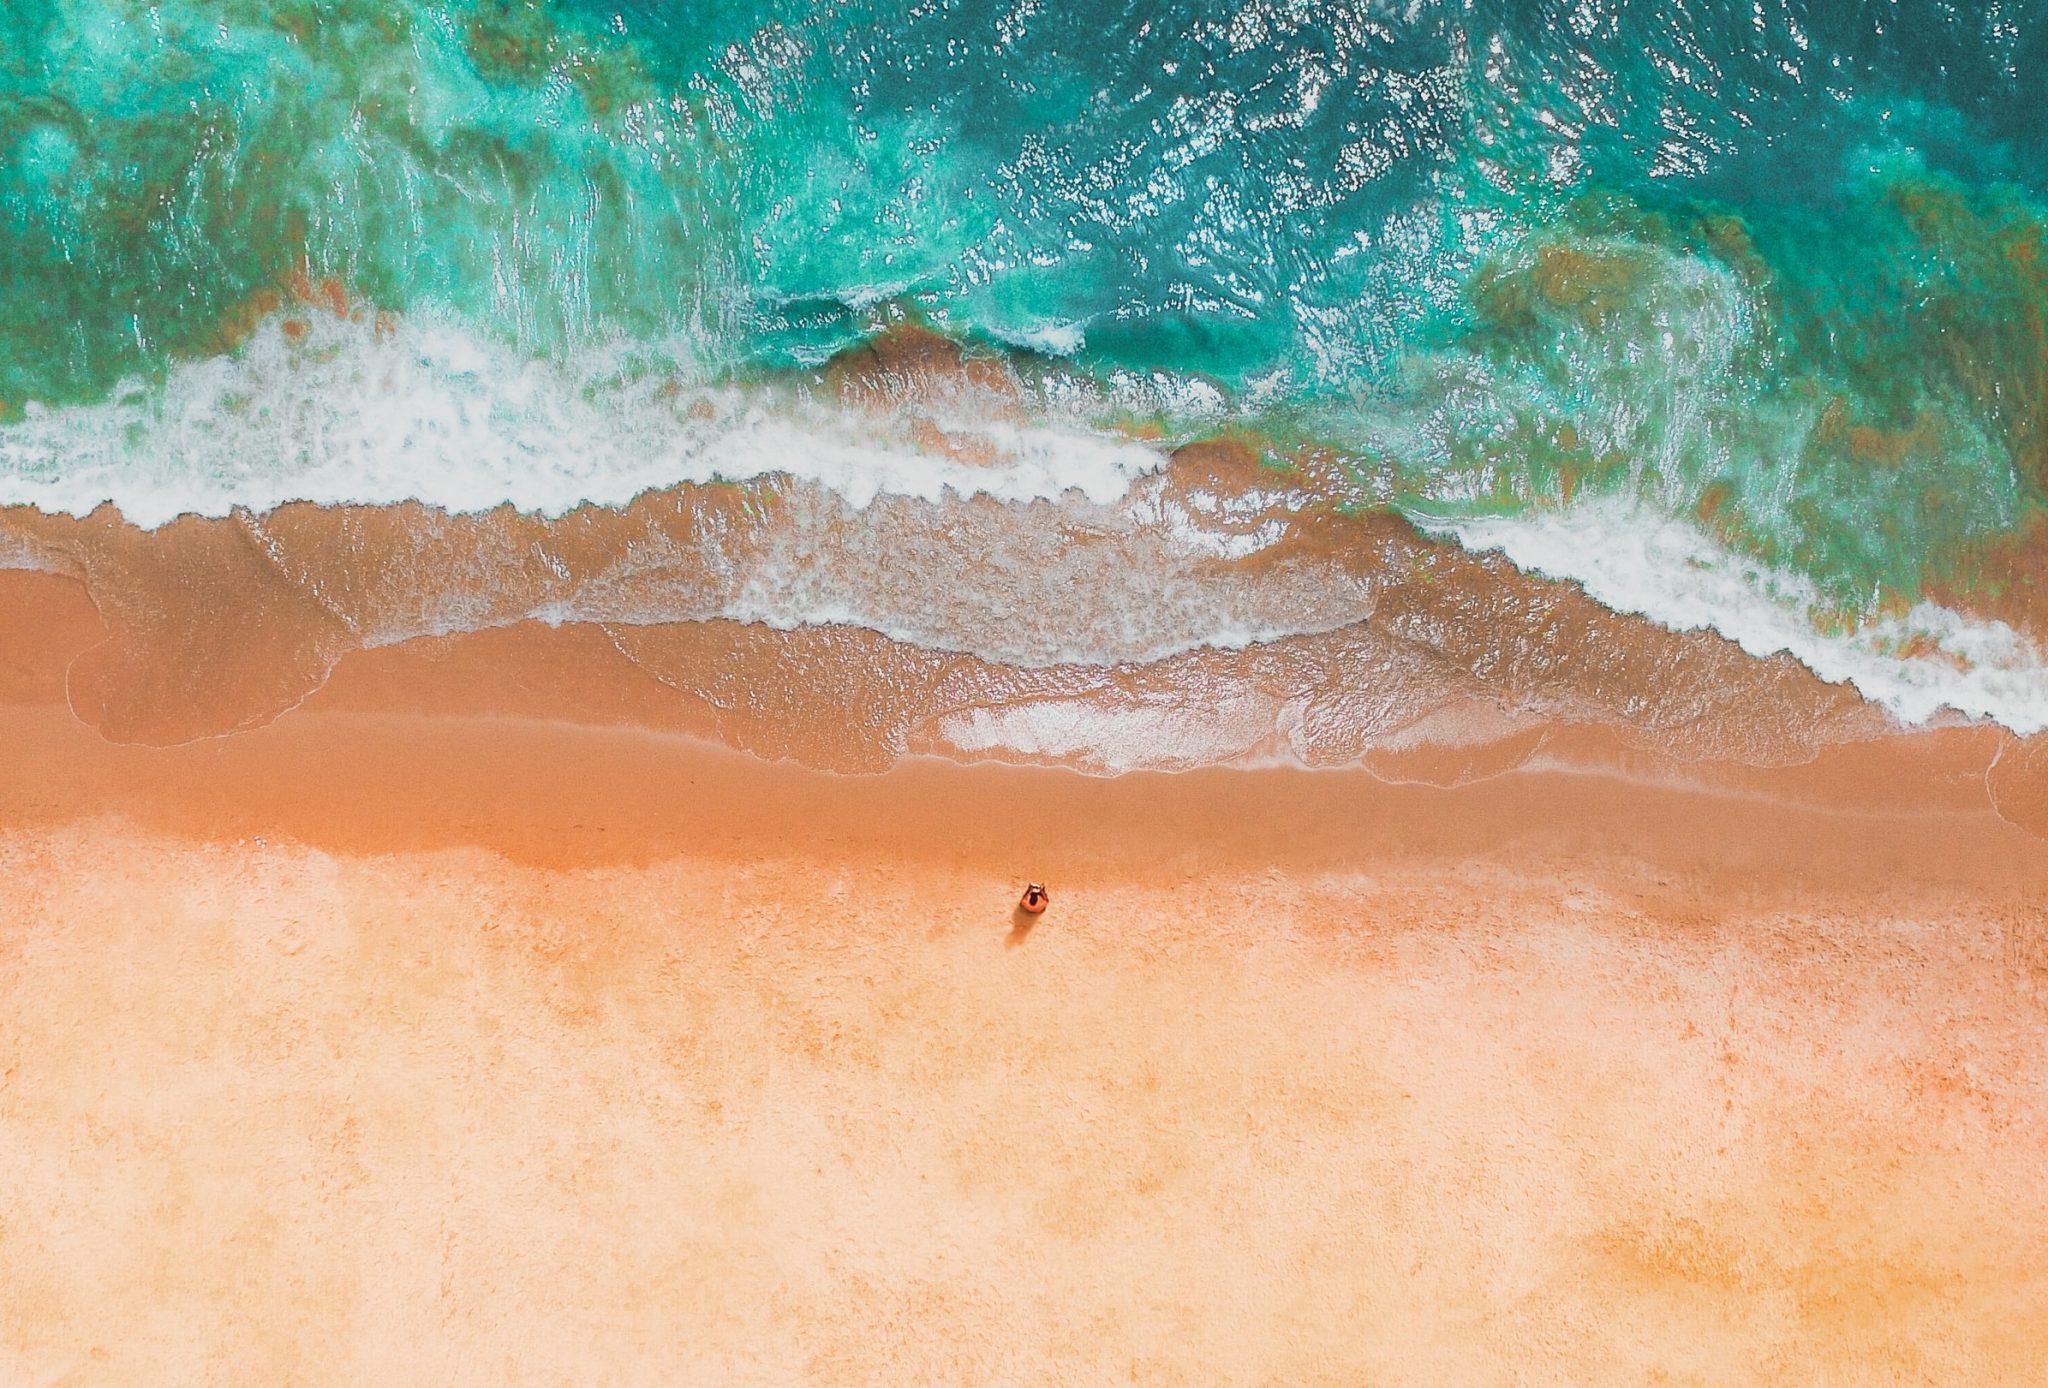 vista aérea de uma pessoa numa praia no algarve